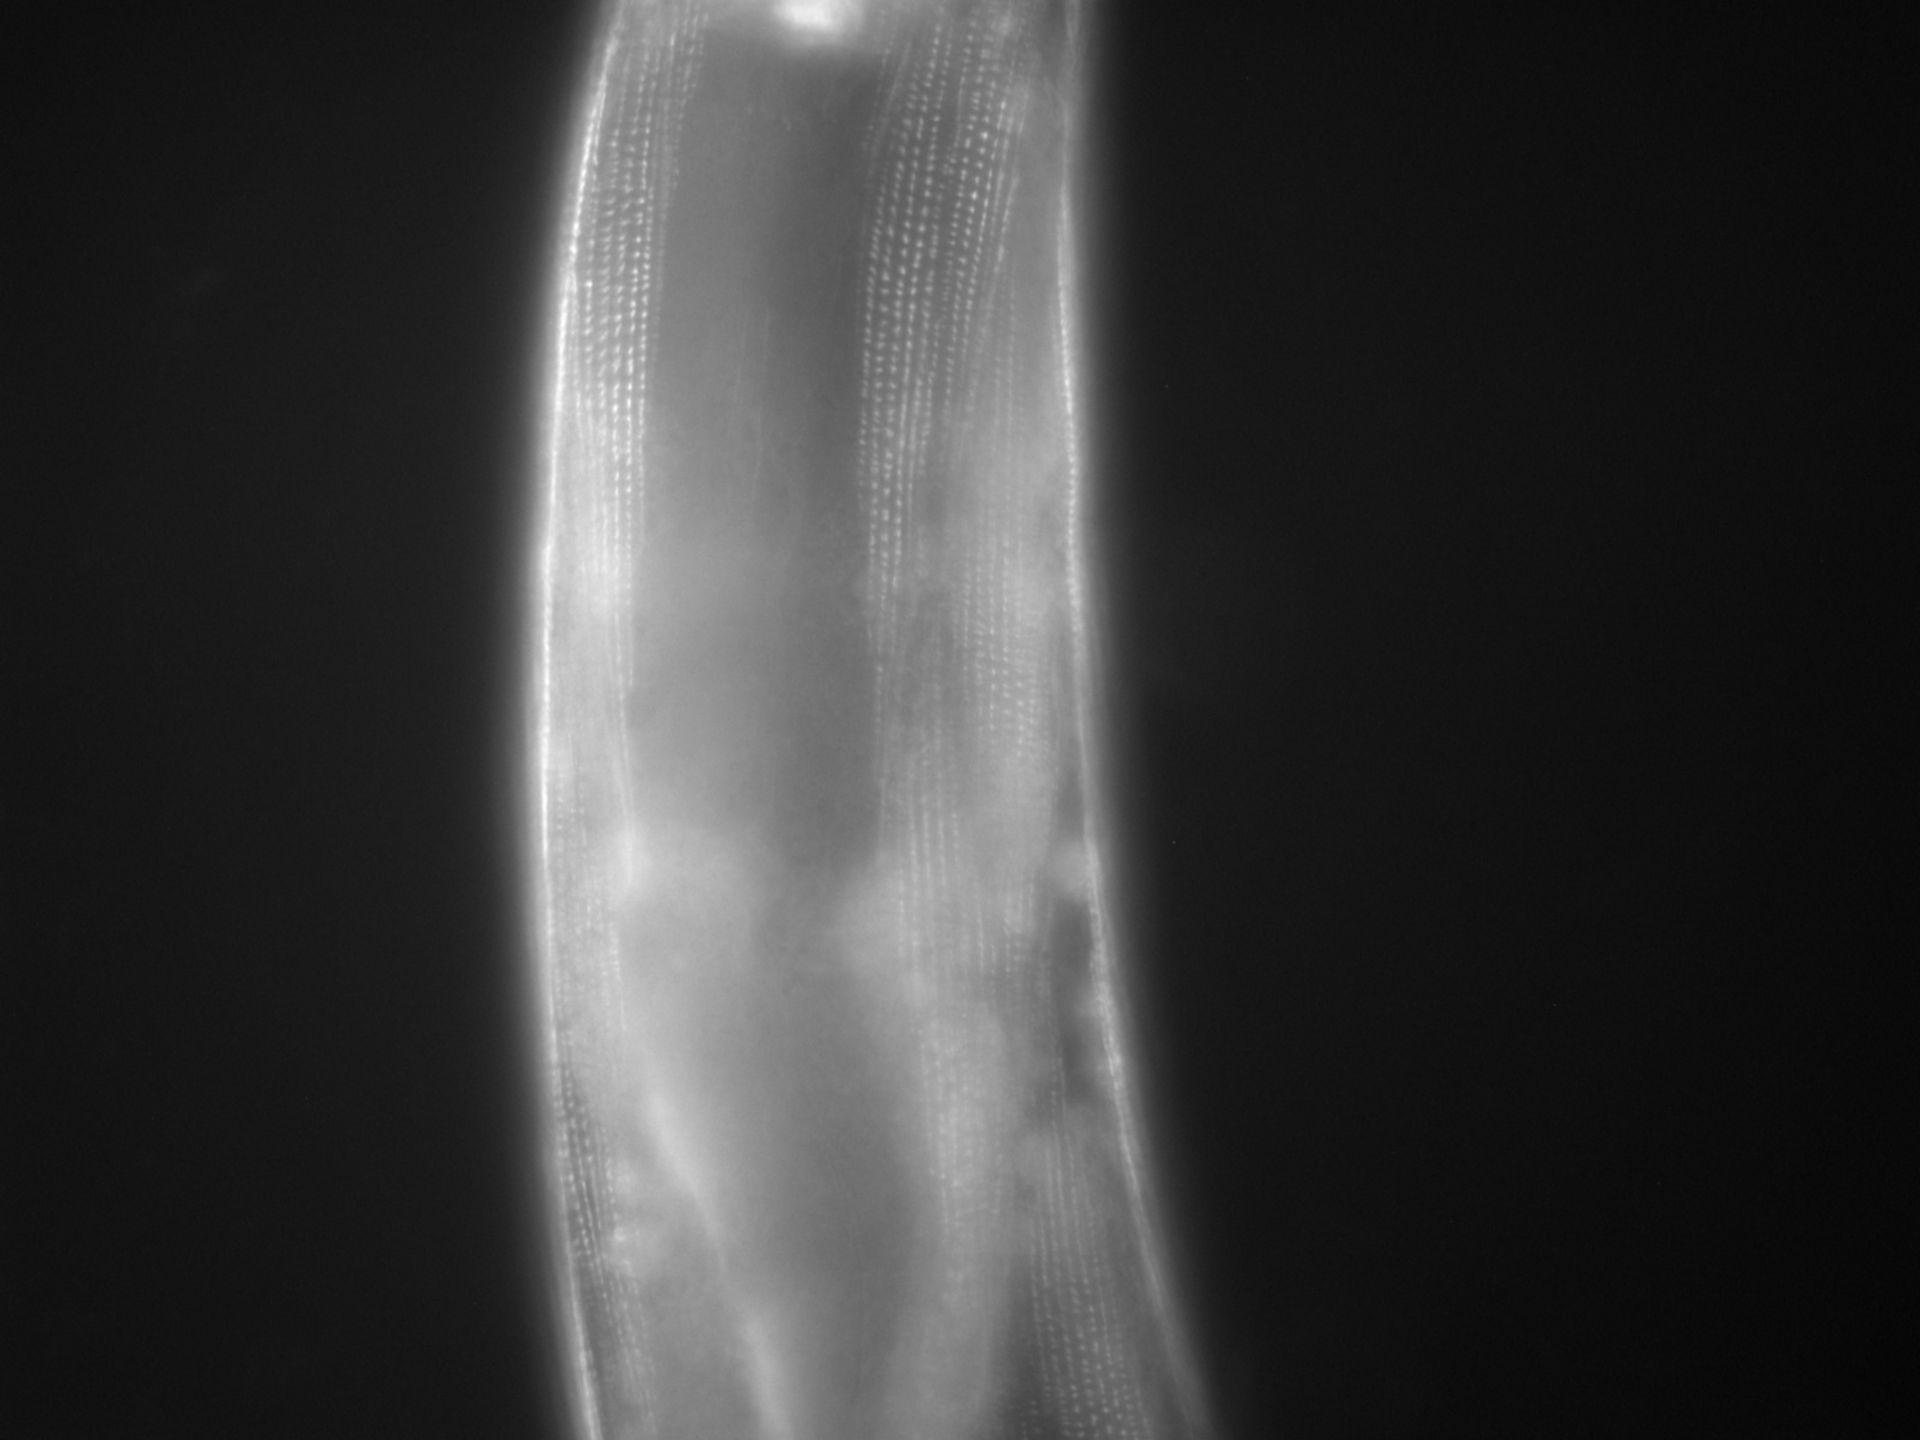 Caenorhabditis elegans (filamento di actina) - CIL:1128